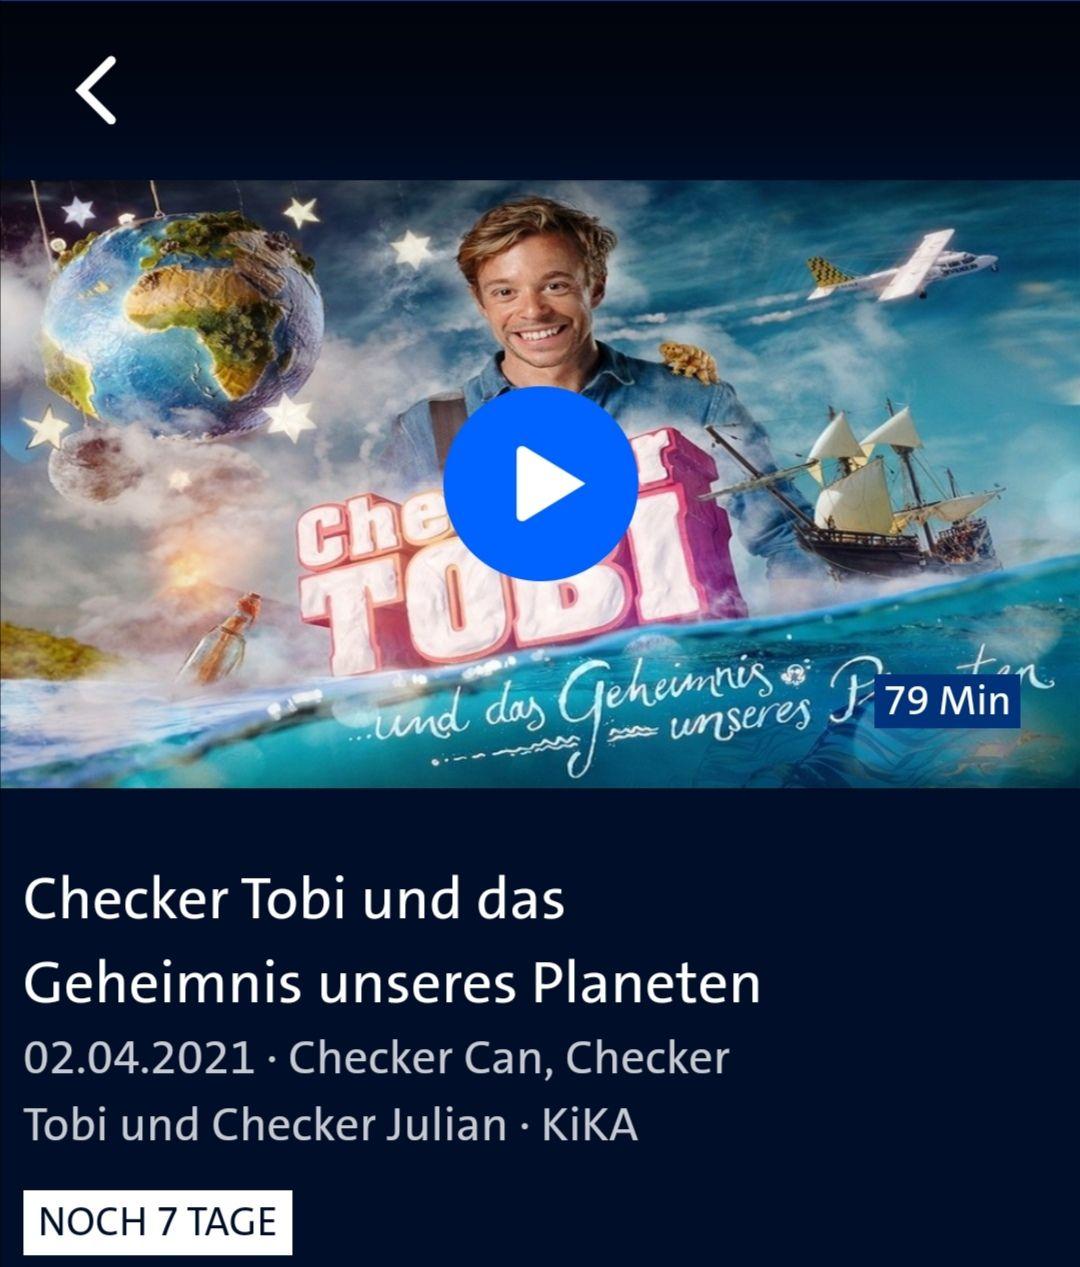 Checker Tobi und das Geheimnis unseres Planeten / IMDb 7,1 / Mediathek